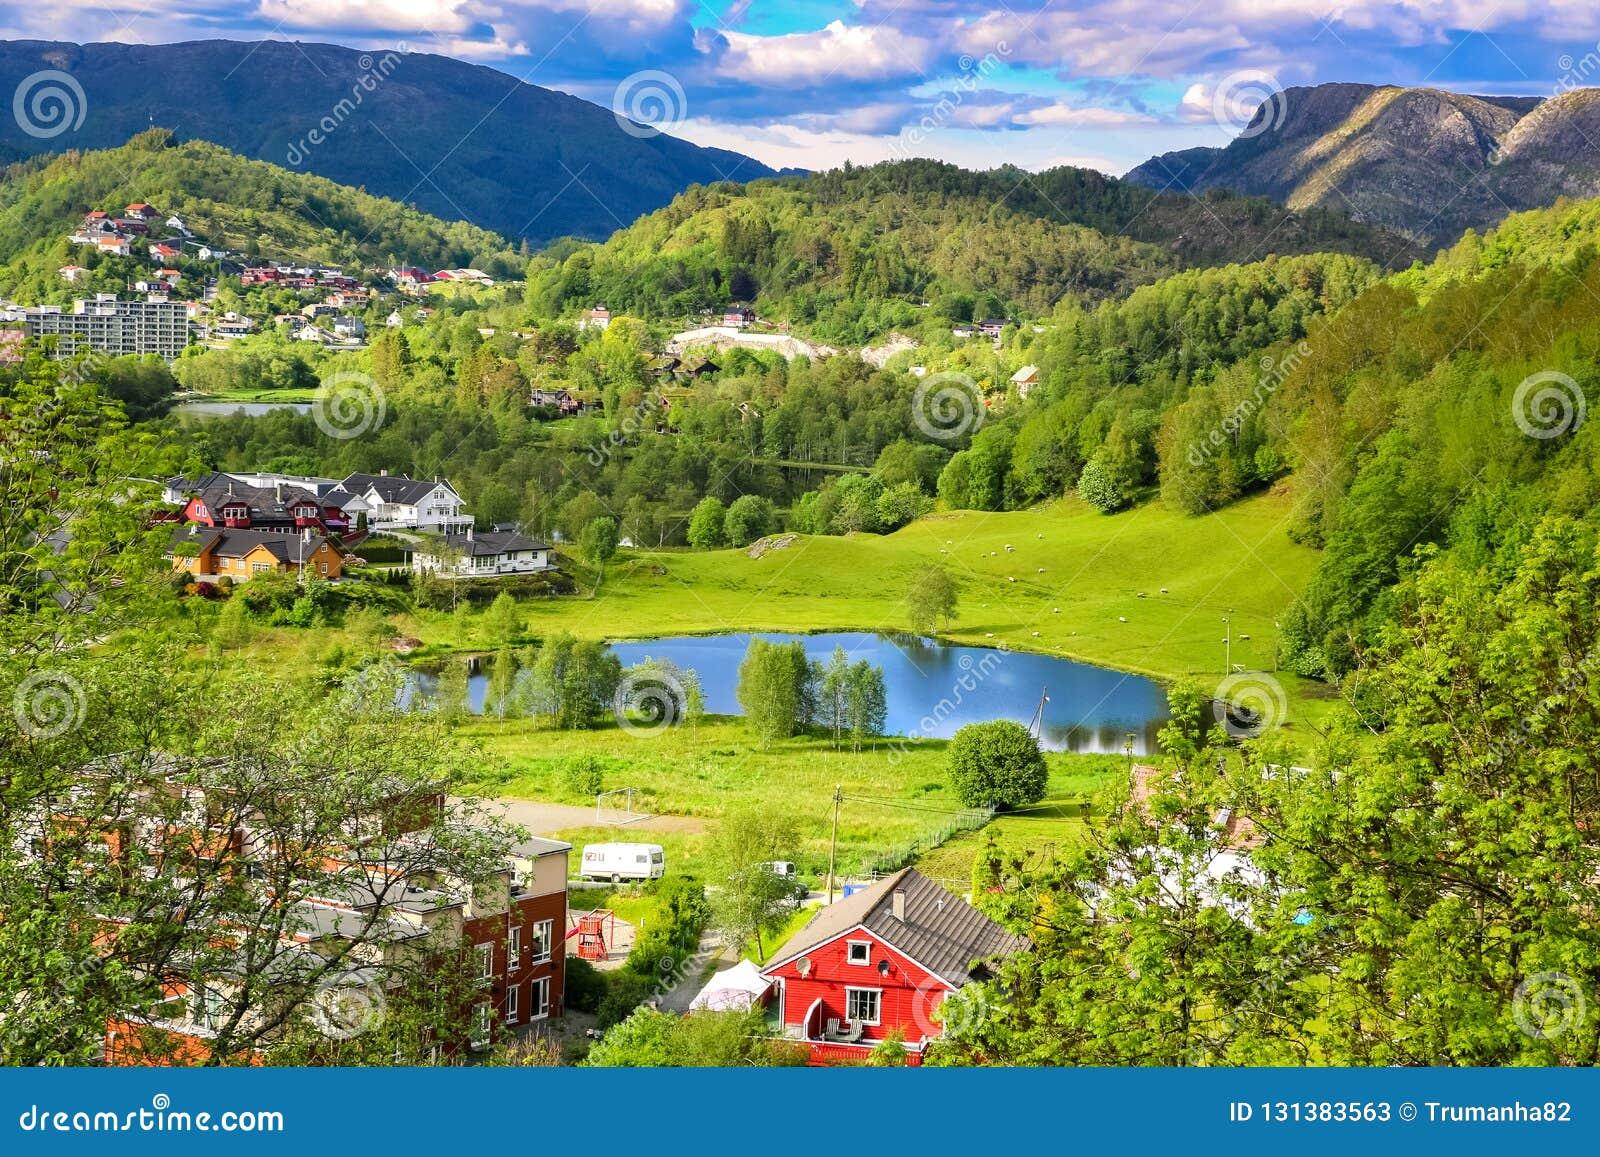 Ландшафт весны с обзором спокойной долины с зелеными лугами, прудом и красочными домами фермы в солнечном свете